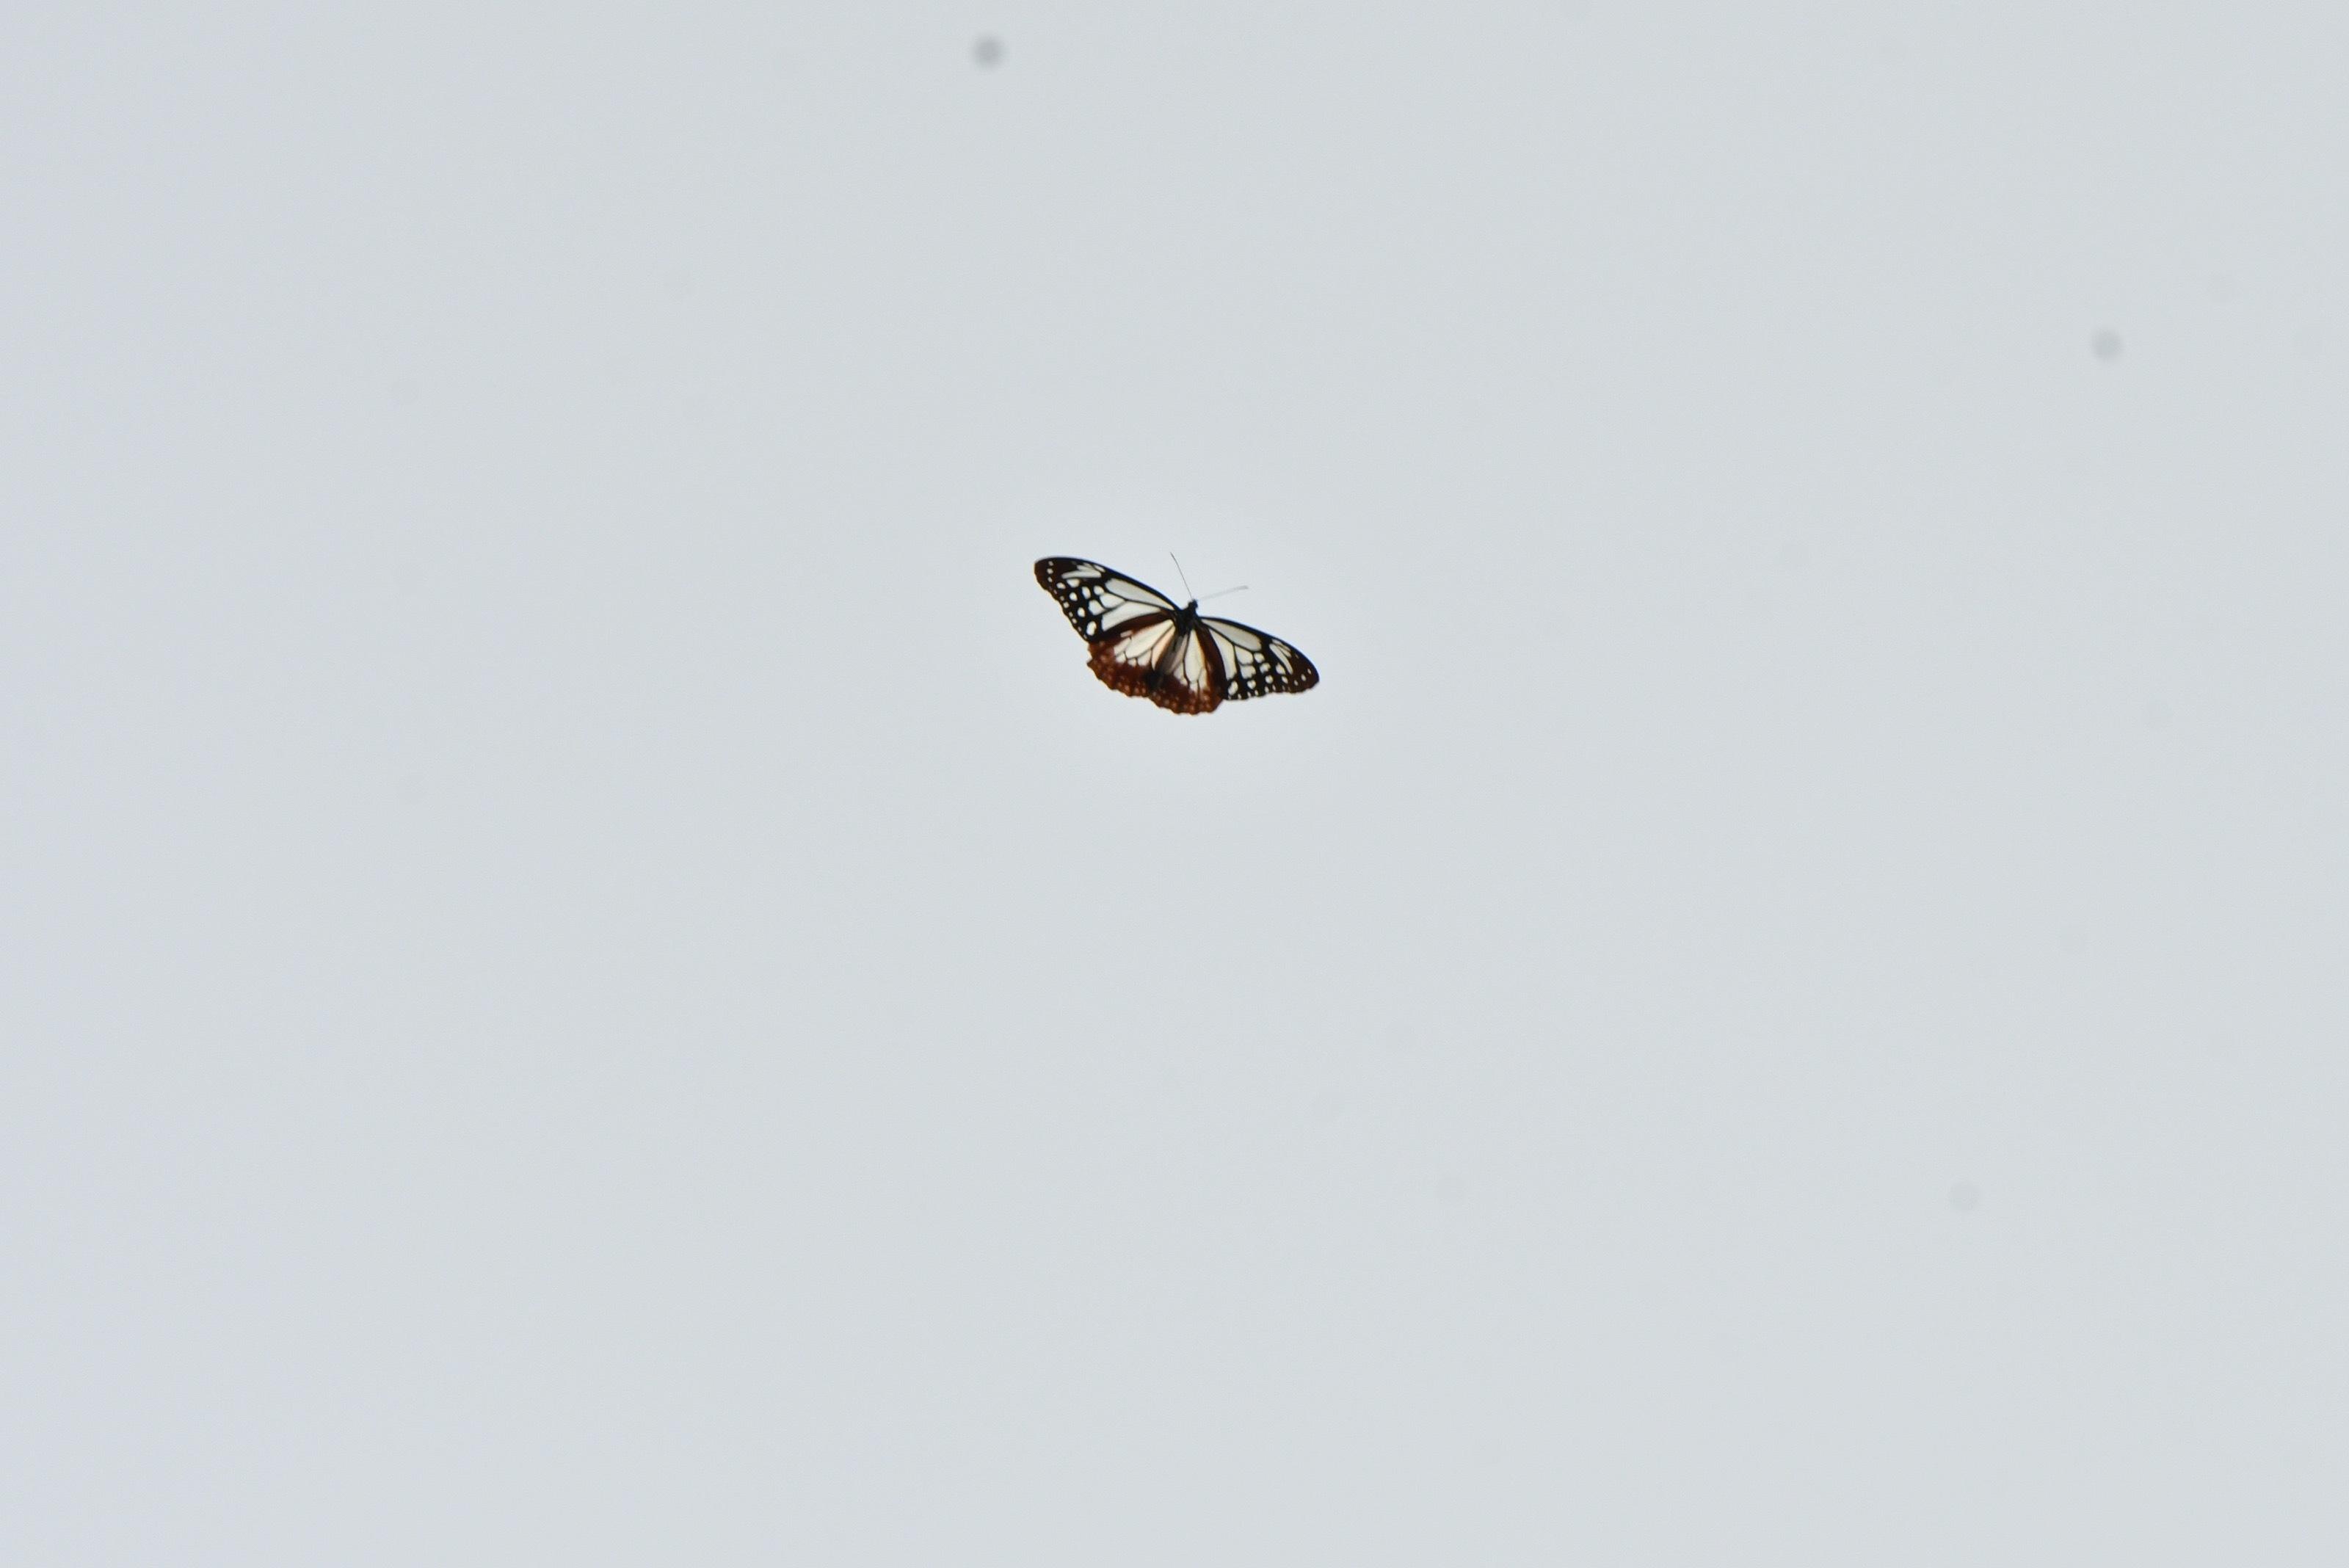 渡る蝶々、アサギマダラ